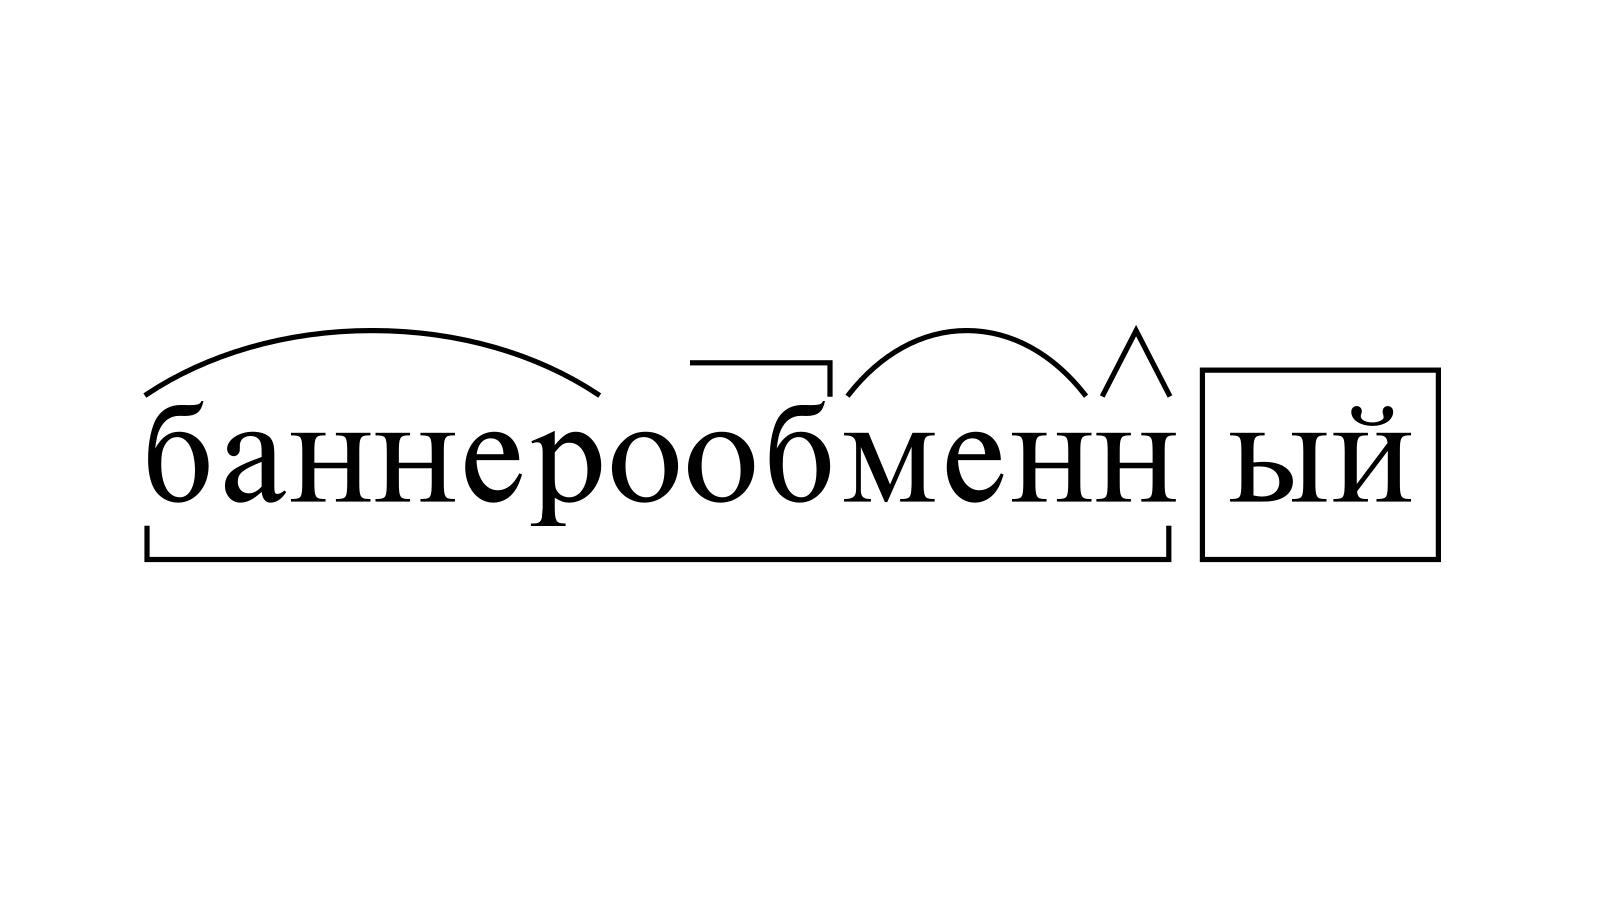 Разбор слова «баннерообменный» по составу